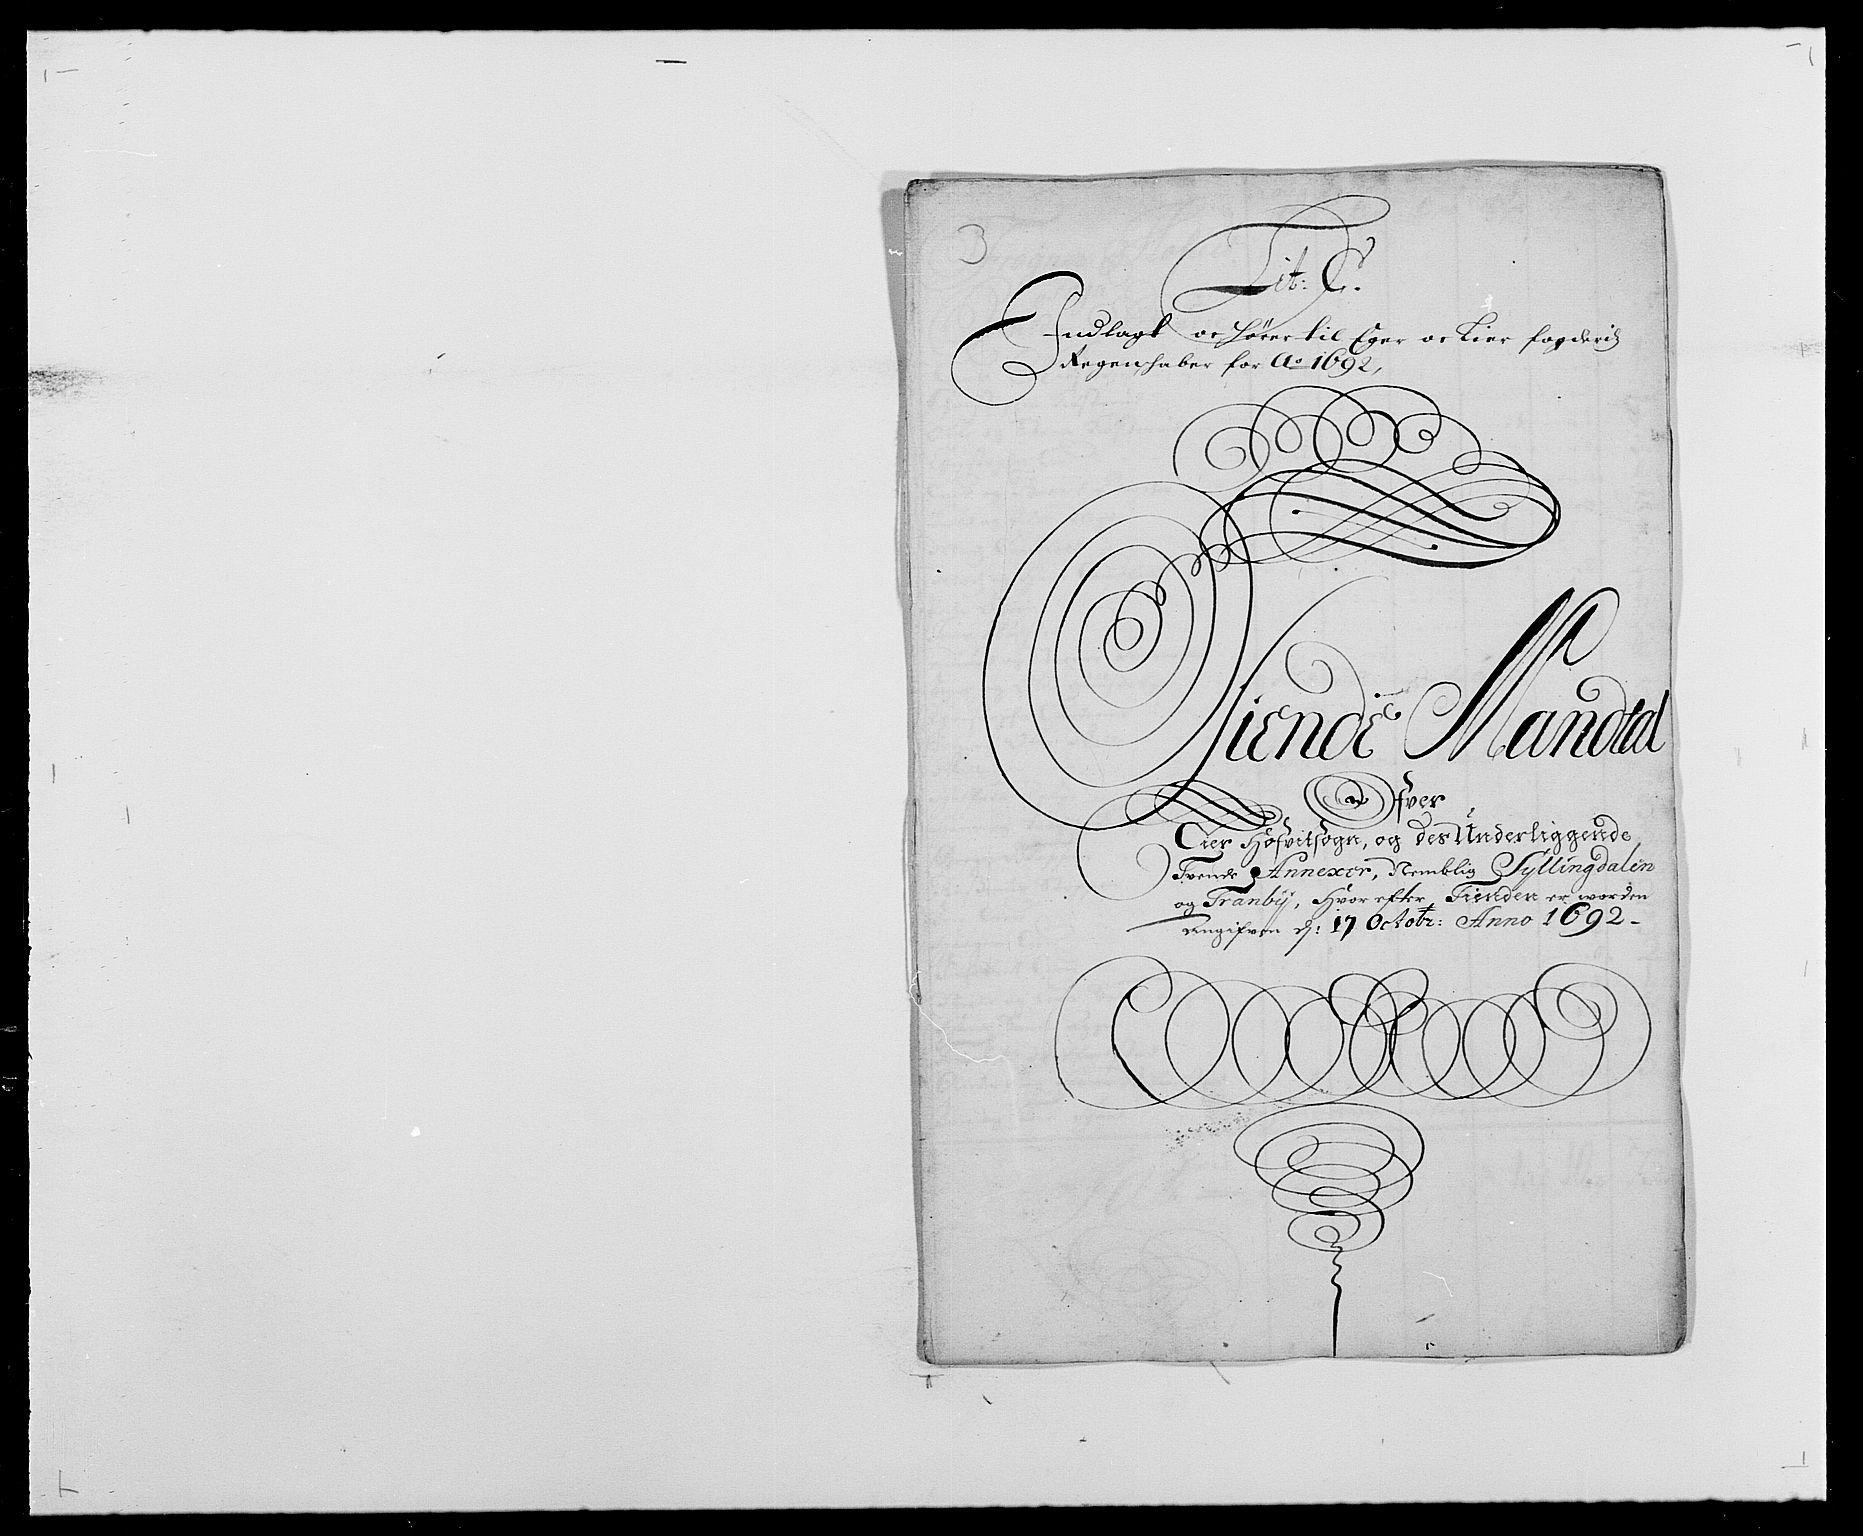 RA, Rentekammeret inntil 1814, Reviderte regnskaper, Fogderegnskap, R28/L1690: Fogderegnskap Eiker og Lier, 1692-1693, s. 20